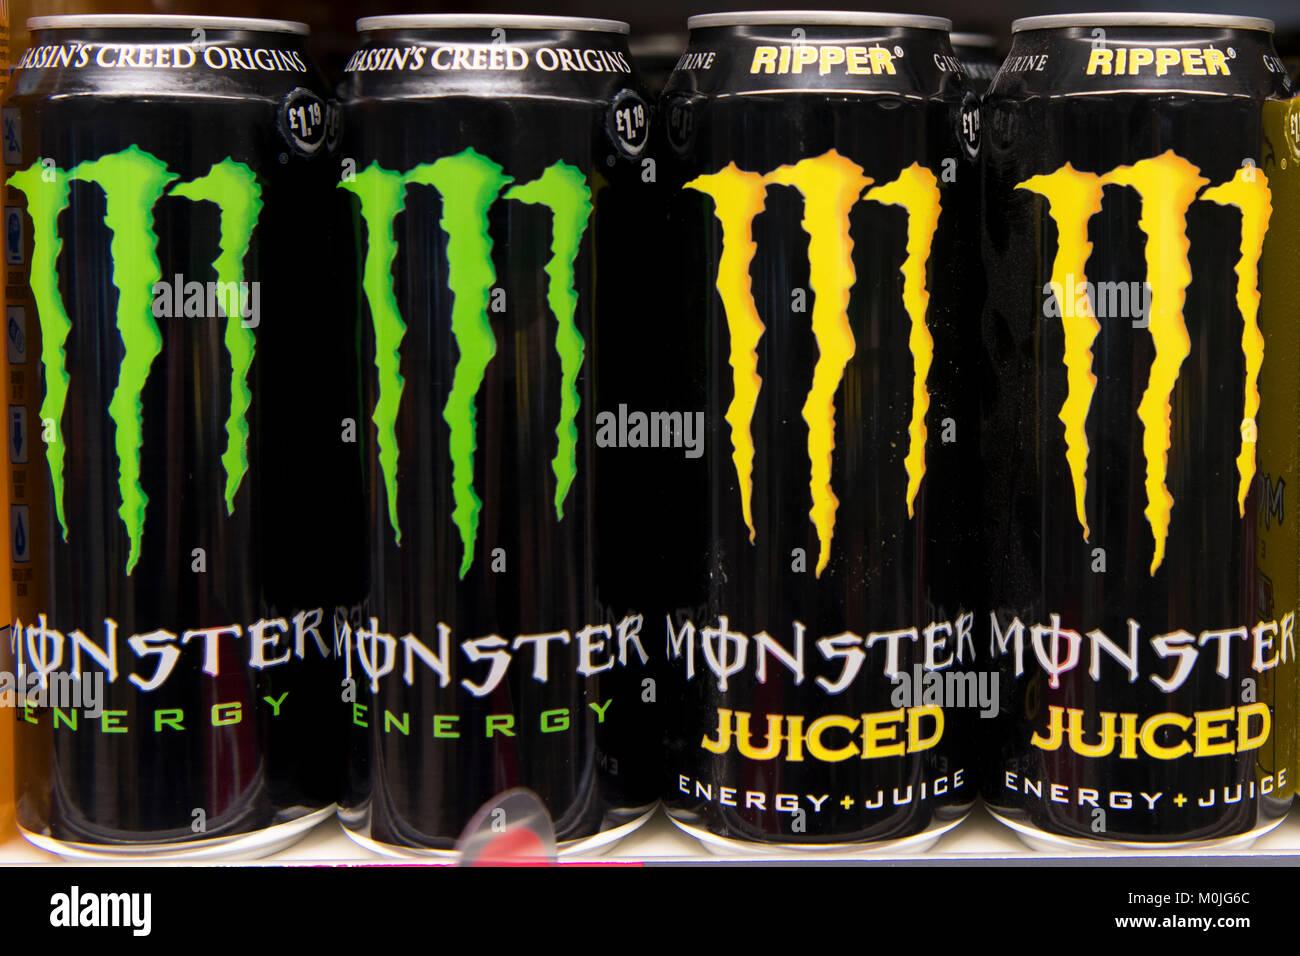 Monster Energy Stockfotos & Monster Energy Bilder Alamy